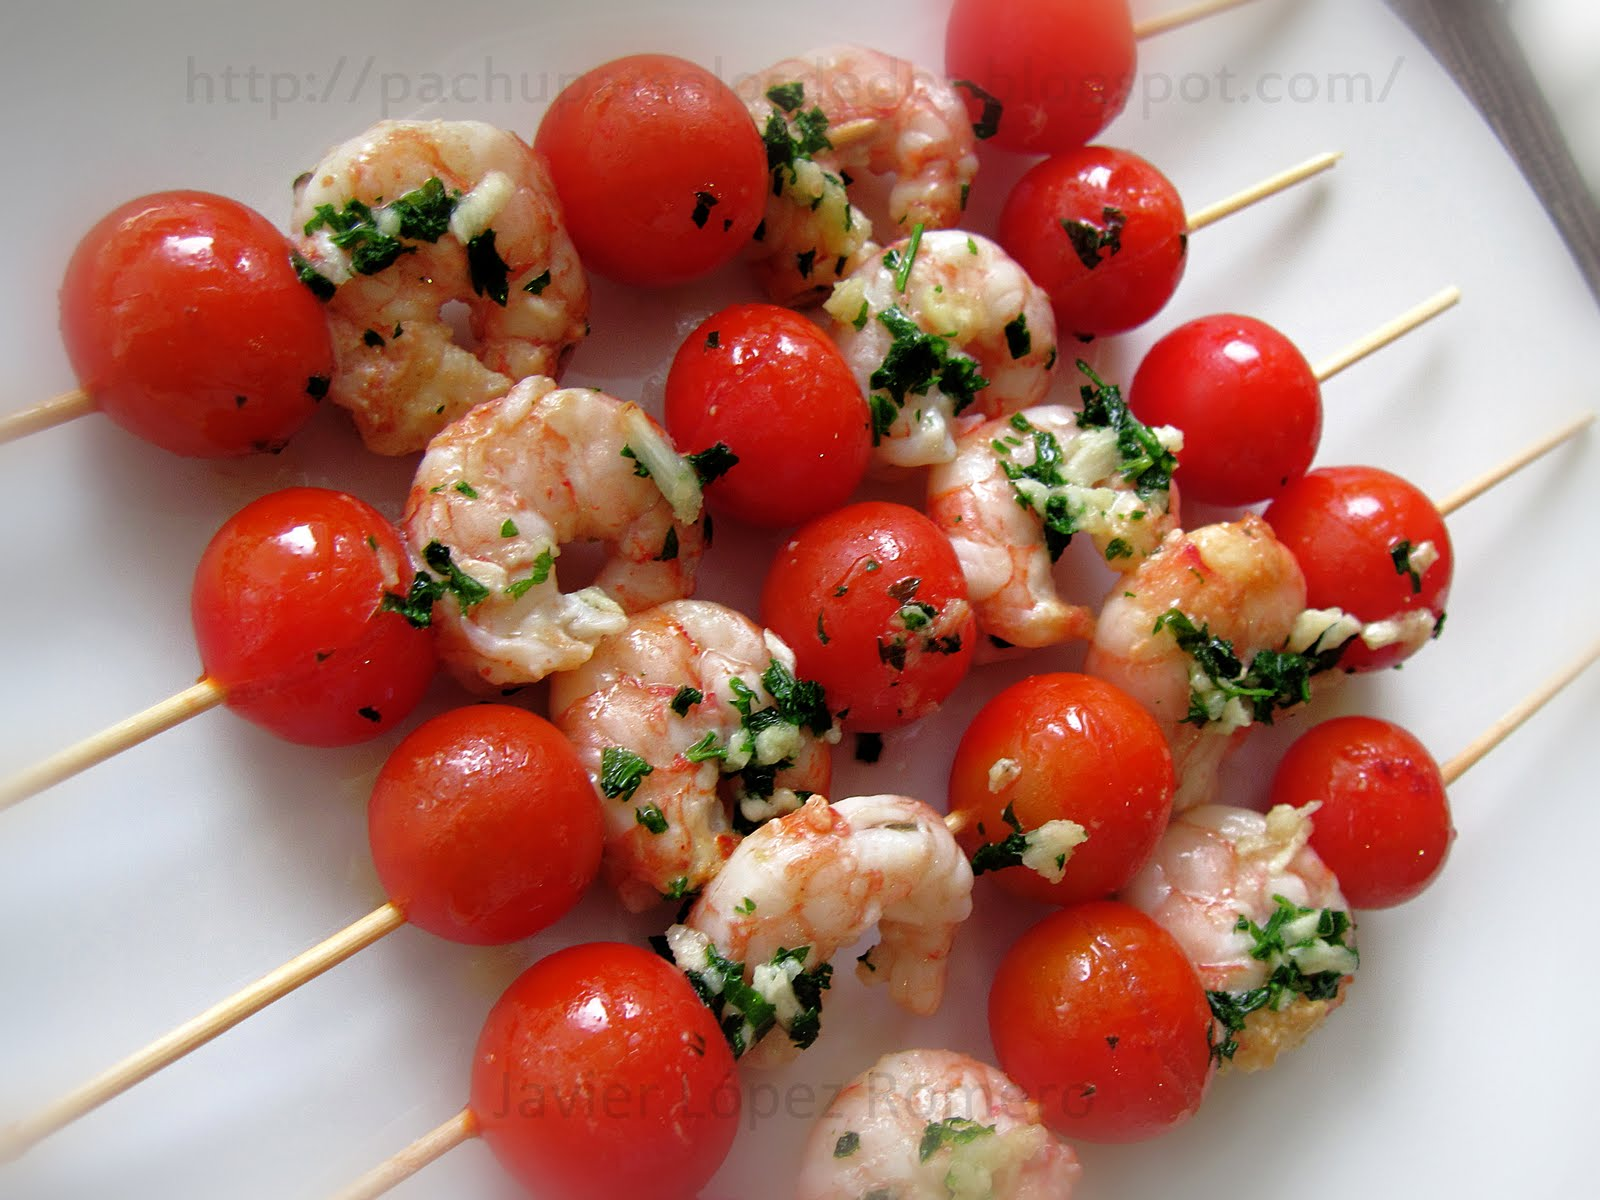 O do cocina brochetas de tomate cherry y gambas for Brochetas de gambas